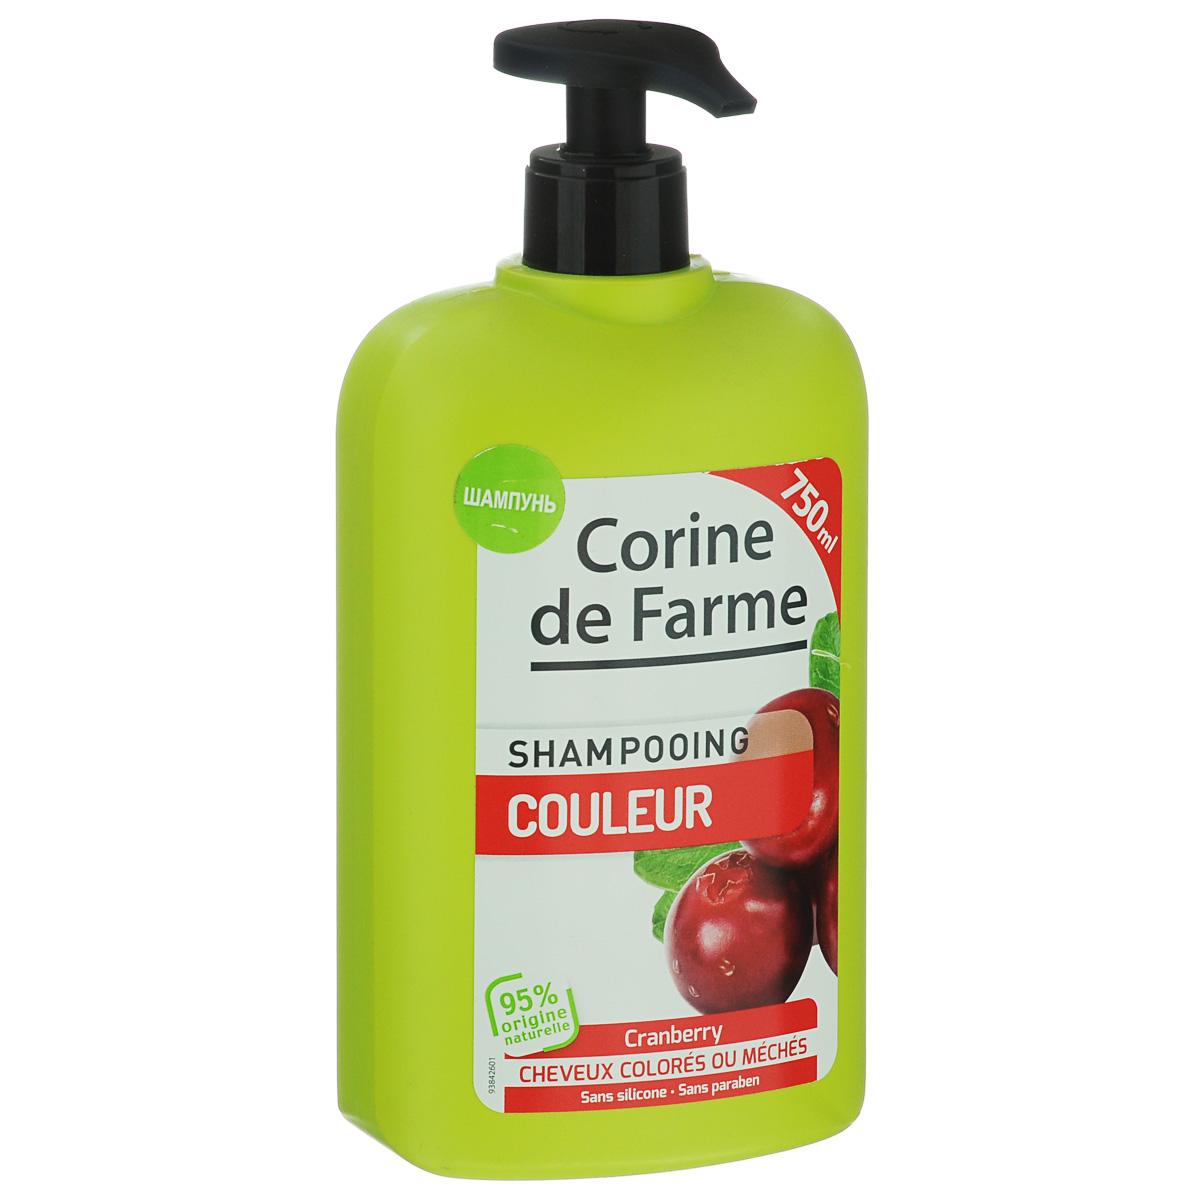 Corine De Farme Шампунь для окрашенных волос с UV фильтрами, 750 мл14169Шампунь для окрашенных волос с UV фильтрами сохраняет цвет, питает волосы от корней до кончиков, содержит более 95% натуральных ингредиентов для ухода и придания блеска окрашенным волосам. Формула с нейтральным рH, UV фильтрами и экстрактом клюквы защищает окрашенные волосы от внешних воздействий. УВАЖАЕМЫЕ КЛИЕНТЫ! Обращаем ваше внимание на возможные изменения в дизайне упаковки. Поставка осуществляется в одном из двух приведенных вариантов упаковок в зависимости от наличия на складе. Комплектация осталась без изменений.